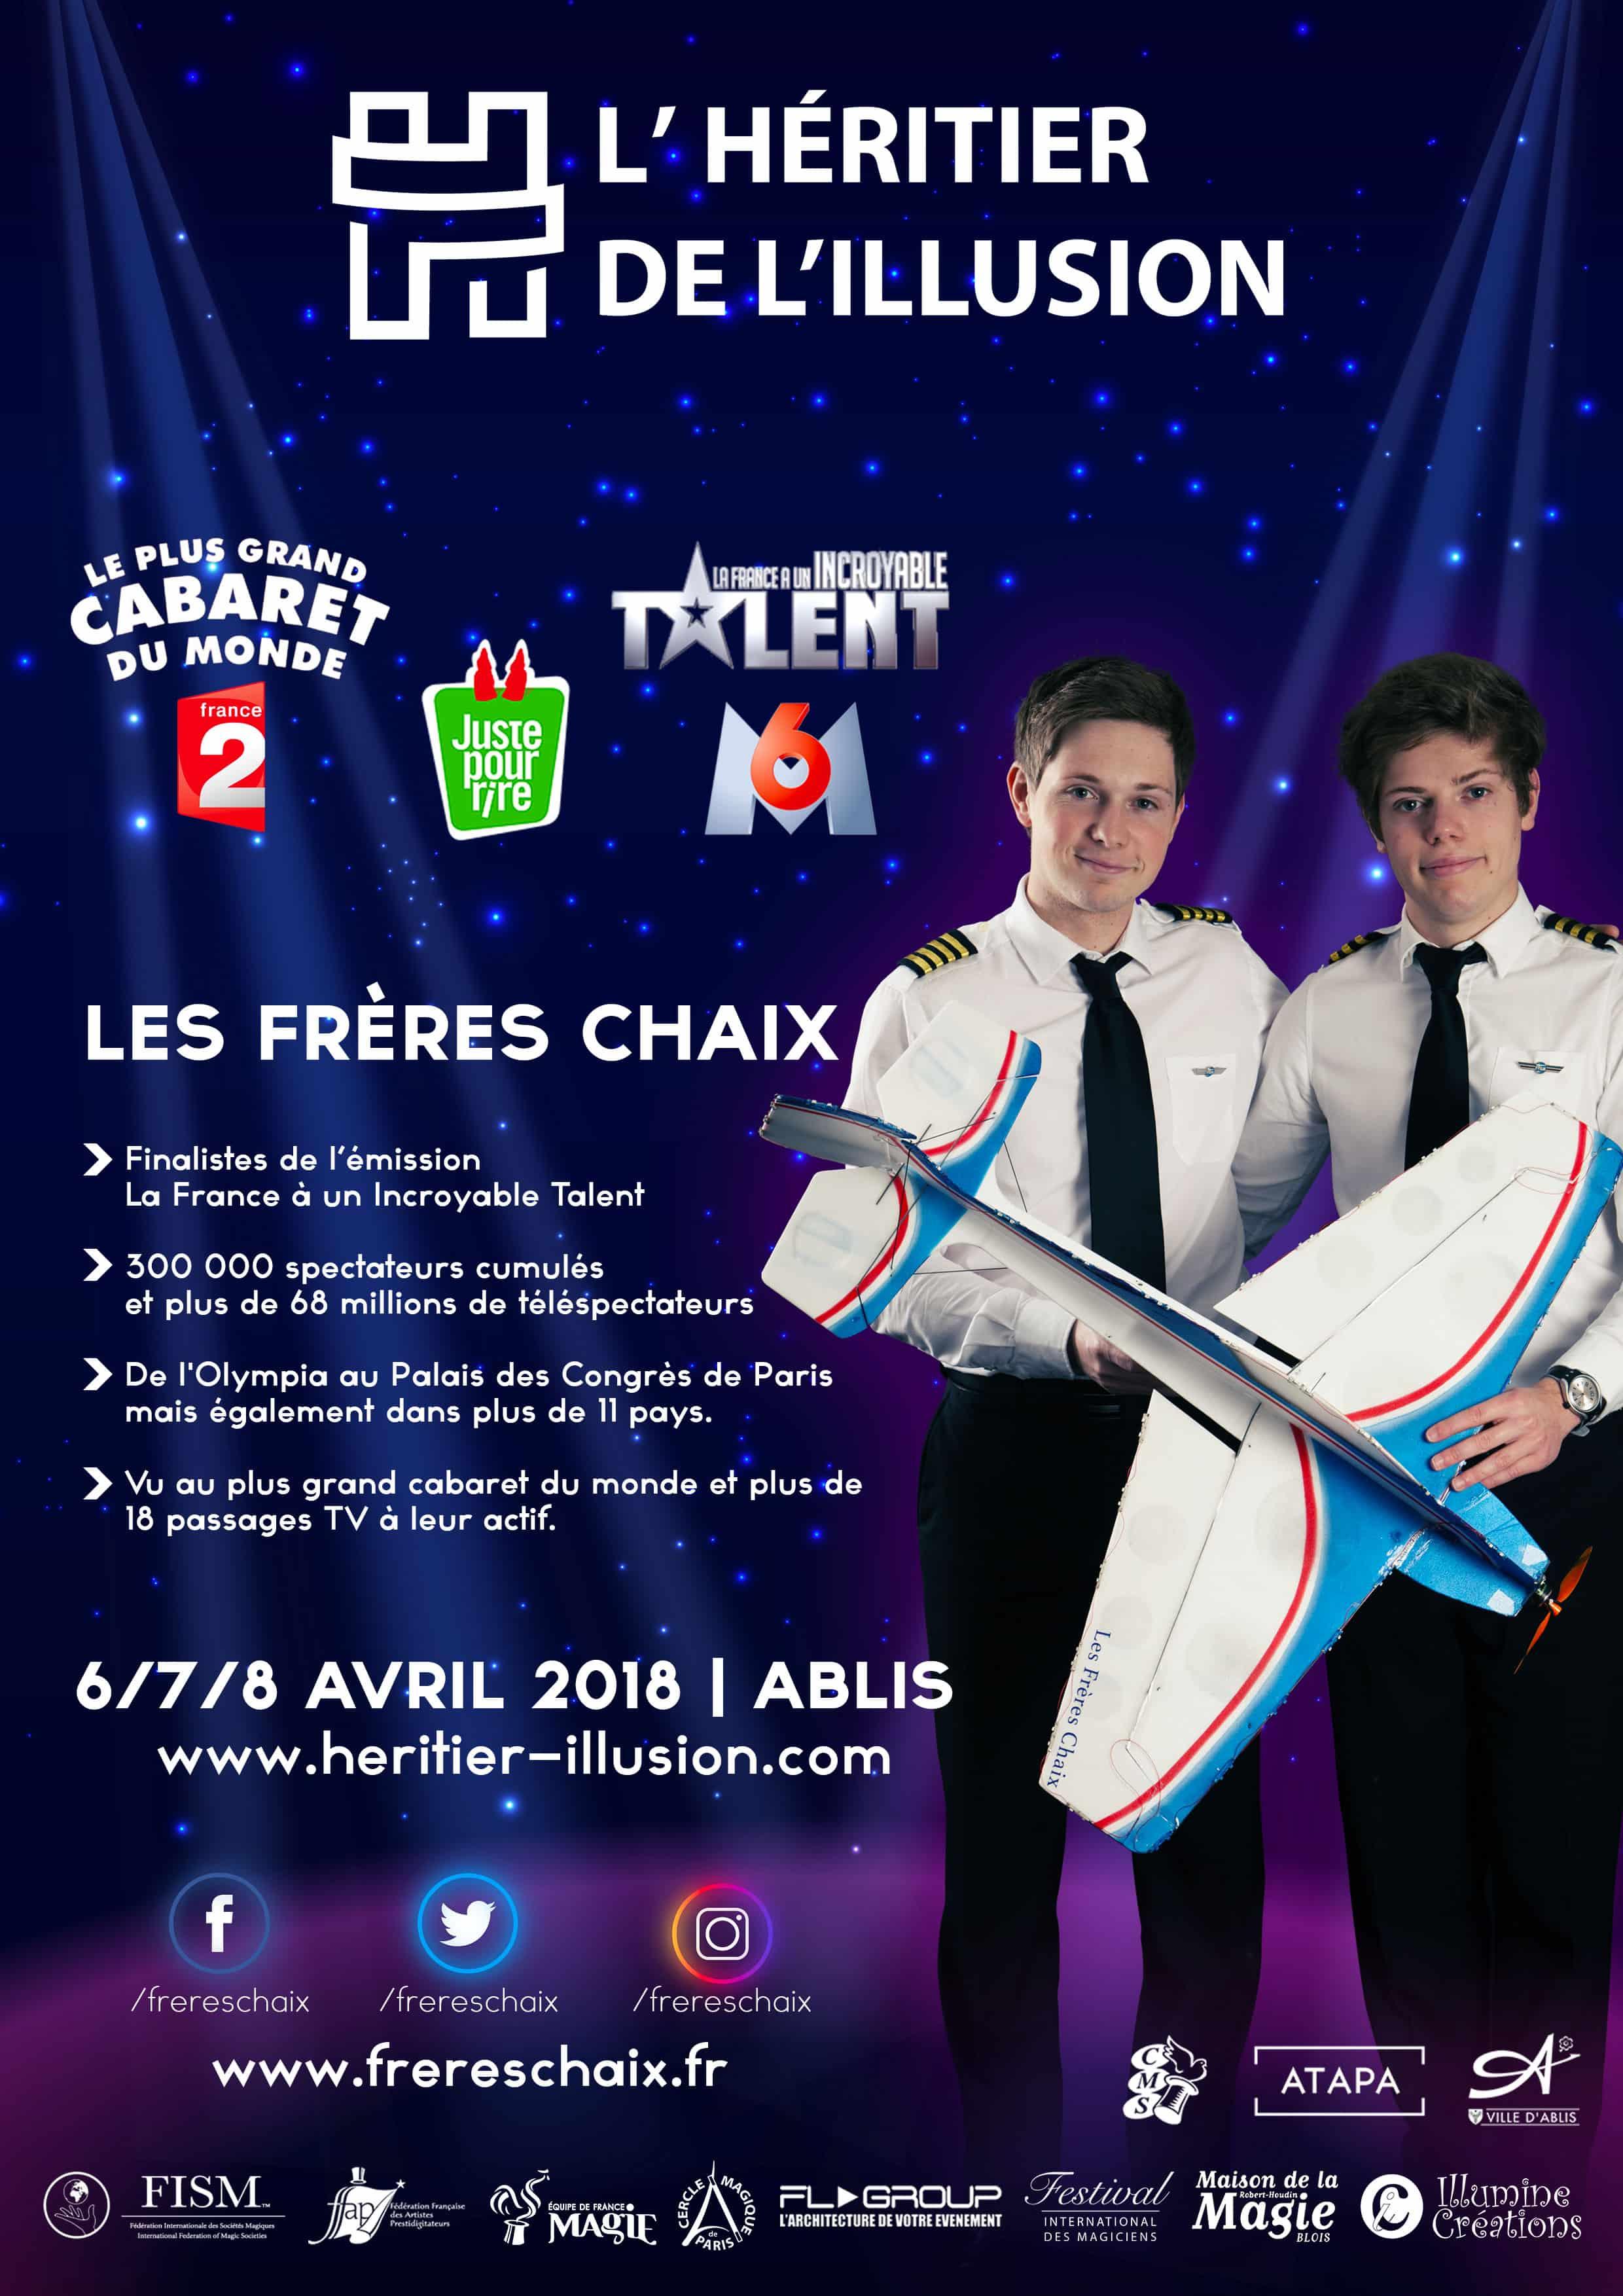 Les Frères Chaix au festival de l'Héritier de l'Illusion | Photo © : Les Frères Chaix